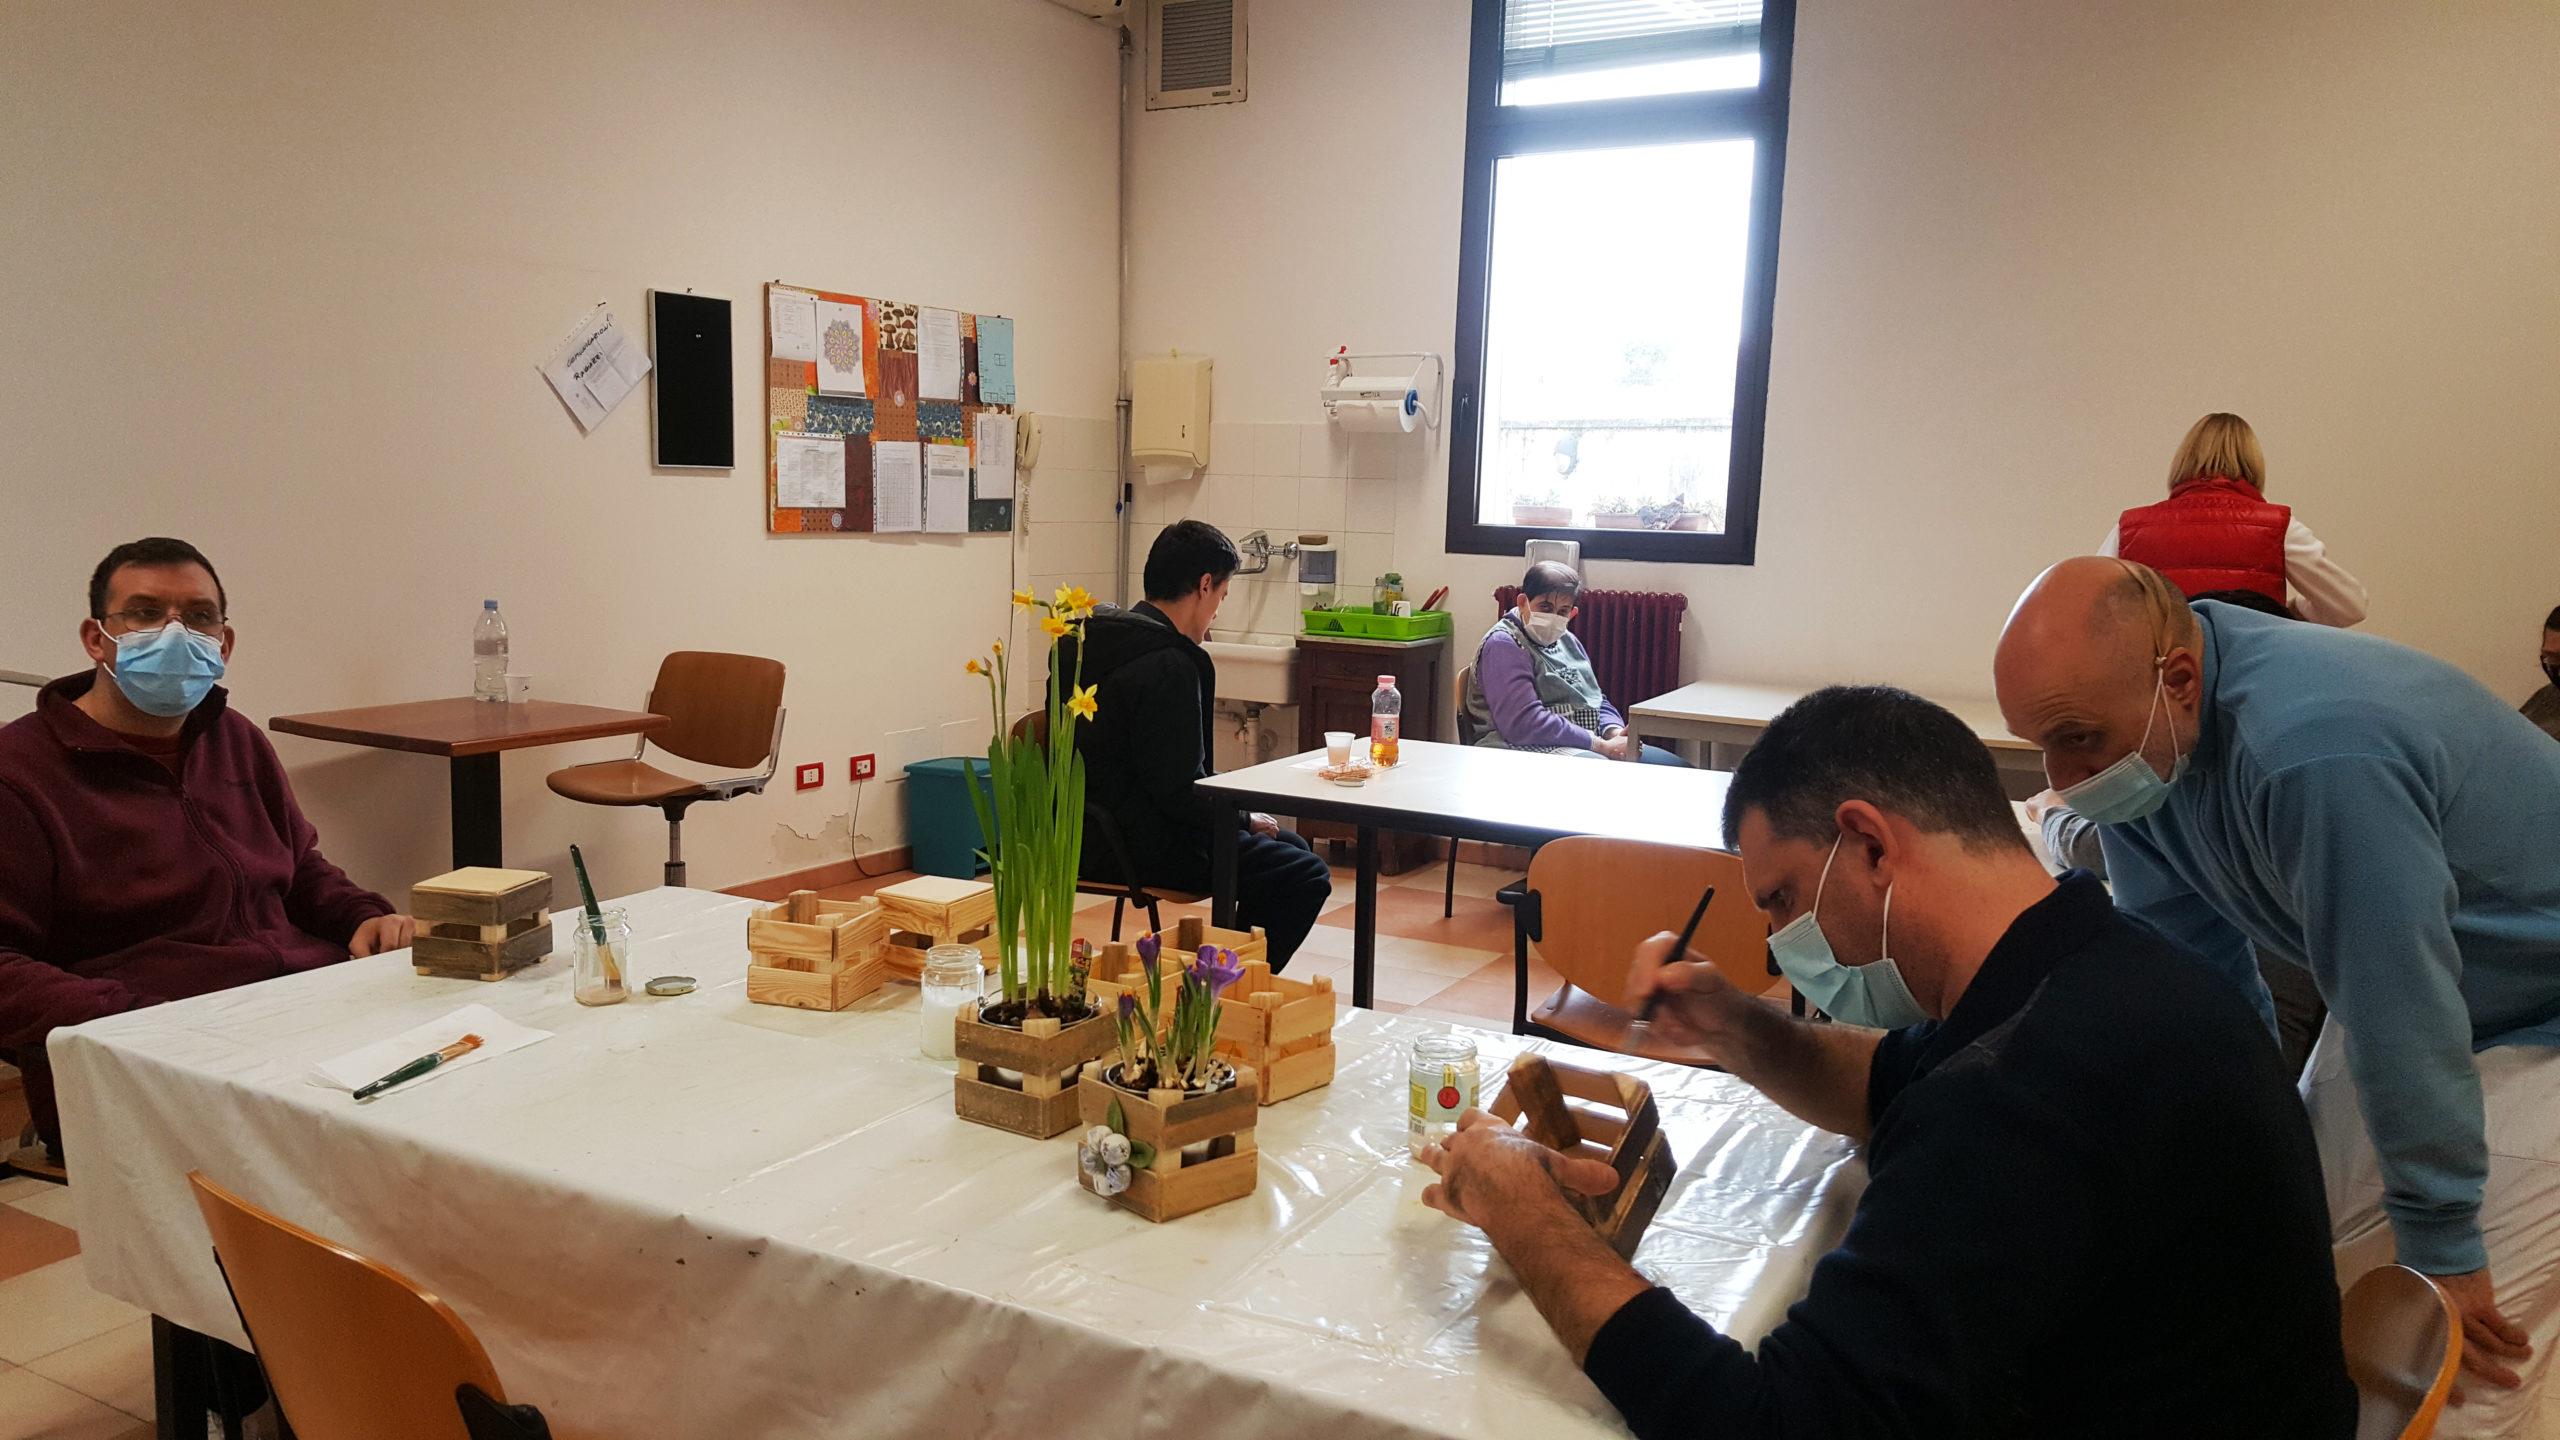 foto esperienza 2021 Alternanza Scuola-Lavoro tra Irpea e Leonardo da Vinci